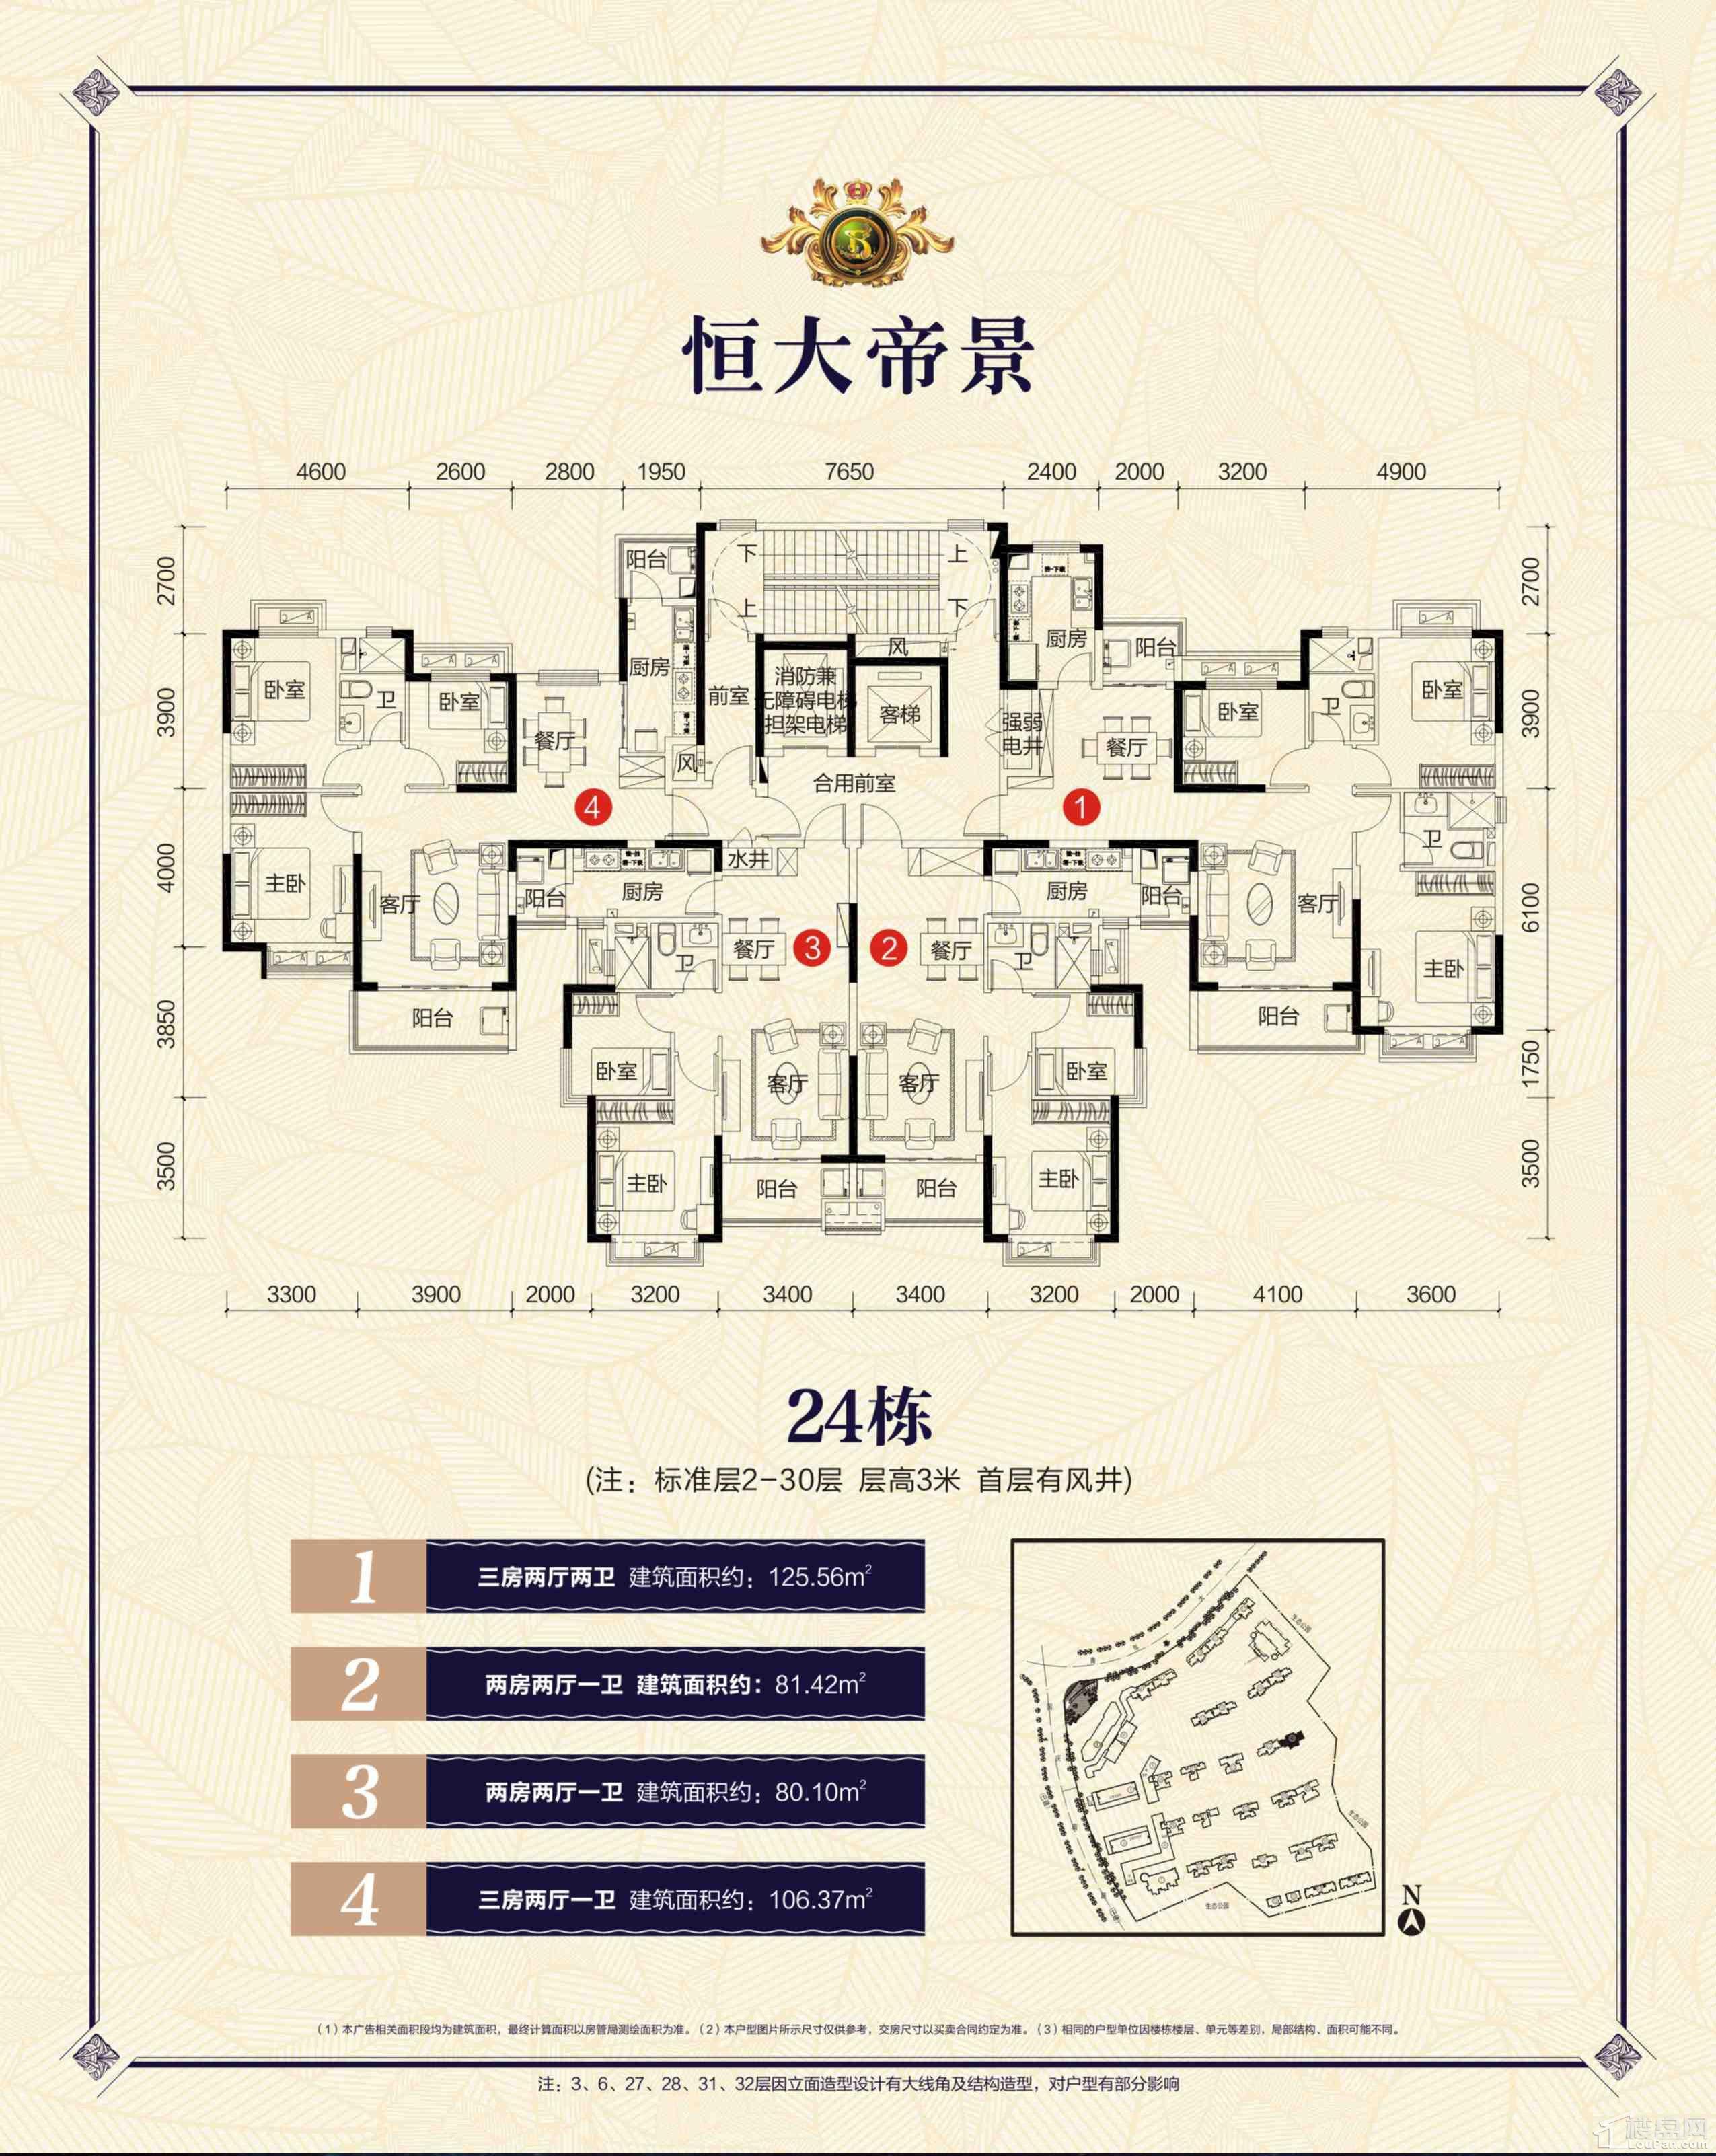 郴州恒大帝景24栋户型图